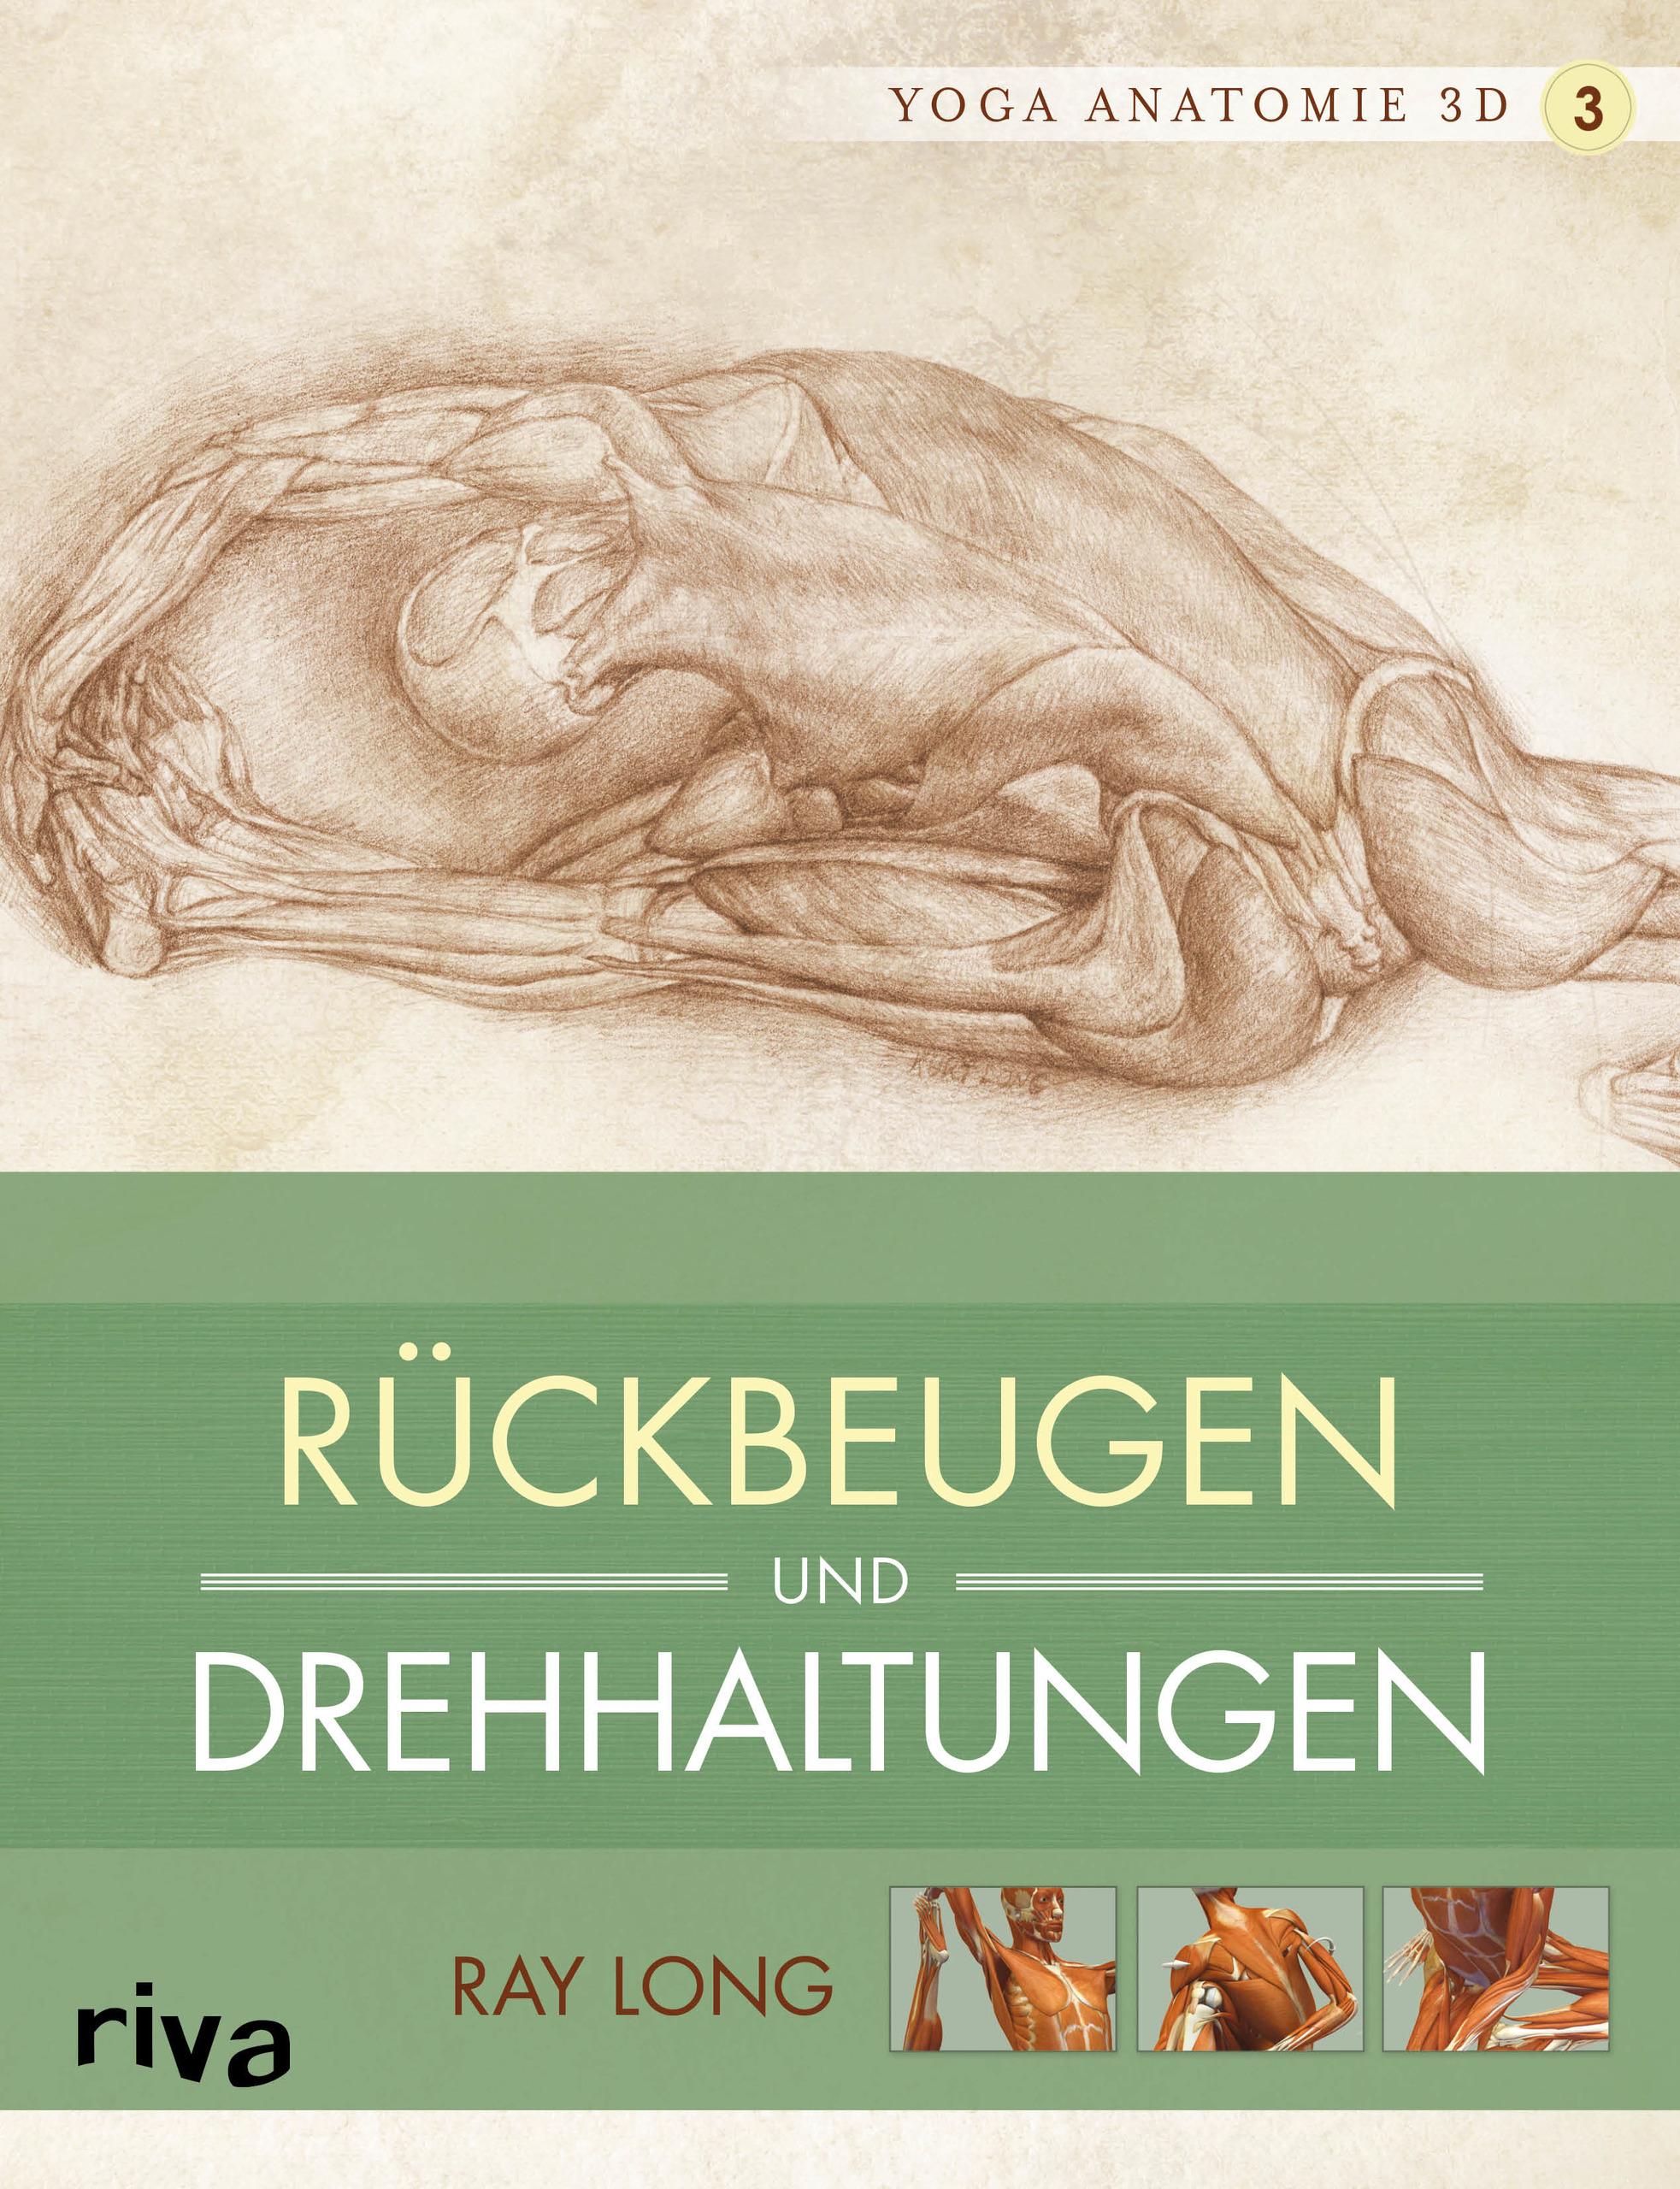 Yoga-Anatomie 3D - 3 - Rückbeugen und Drehhaltungen (Buch)